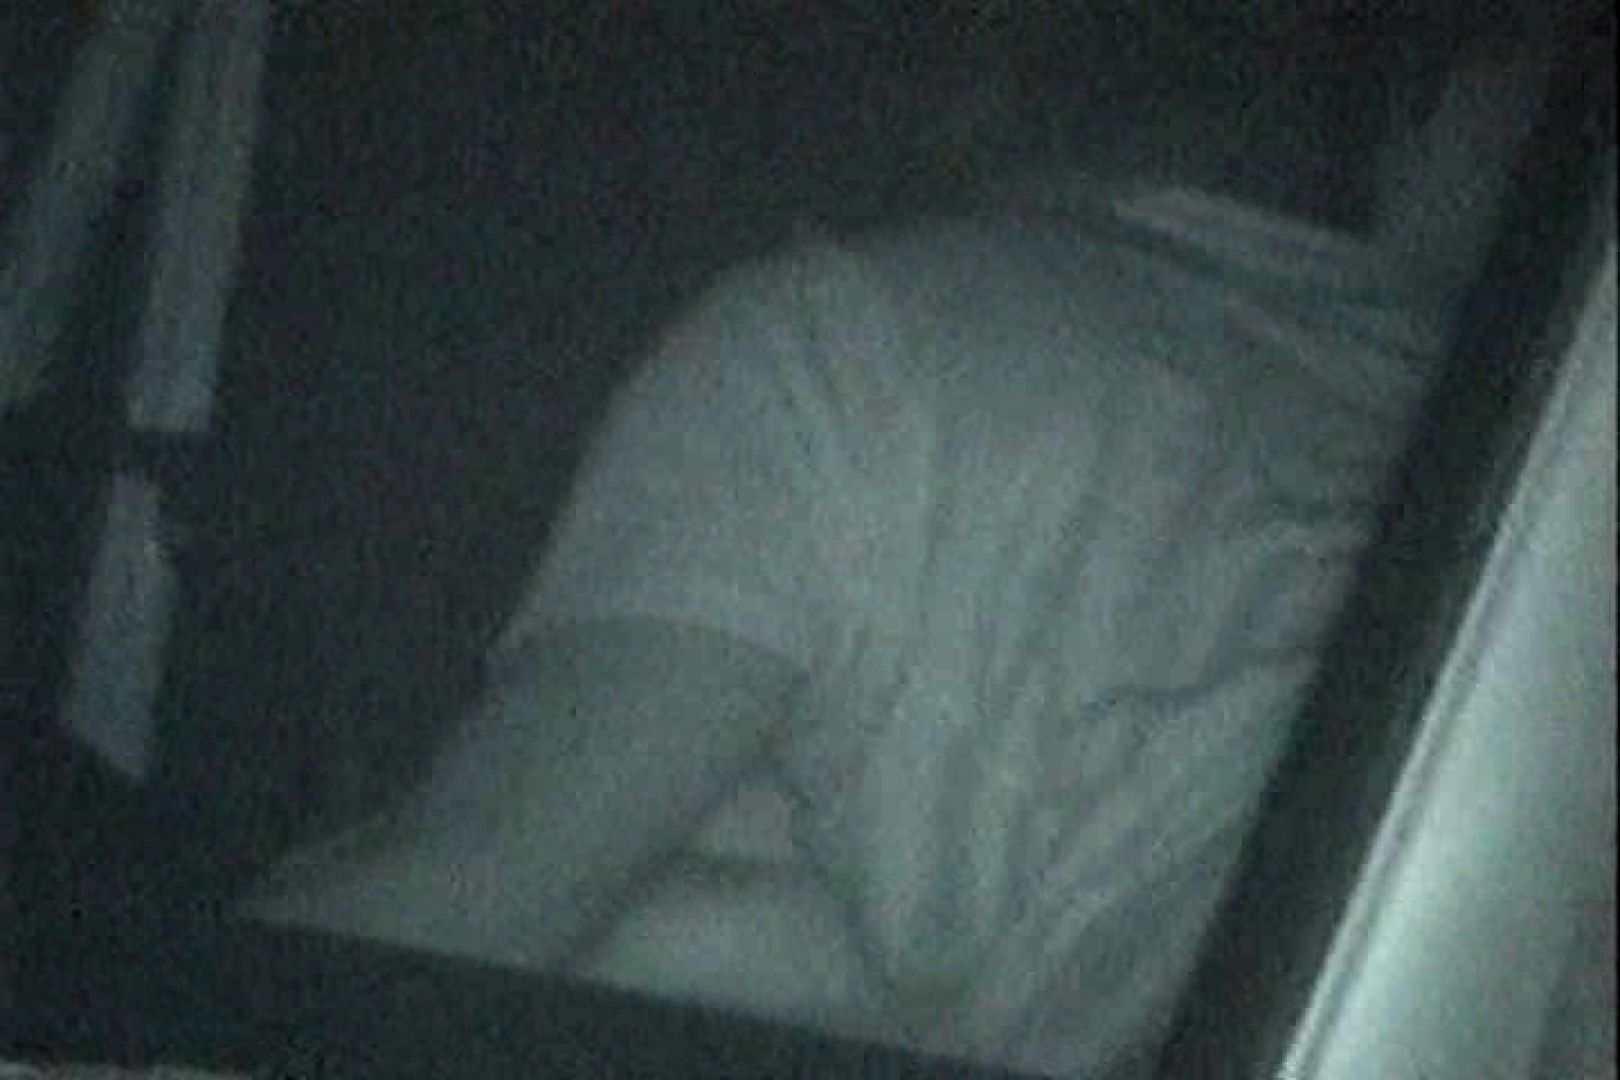 充血監督の深夜の運動会Vol.144 OLセックス 盗撮ワレメ無修正動画無料 100画像 70